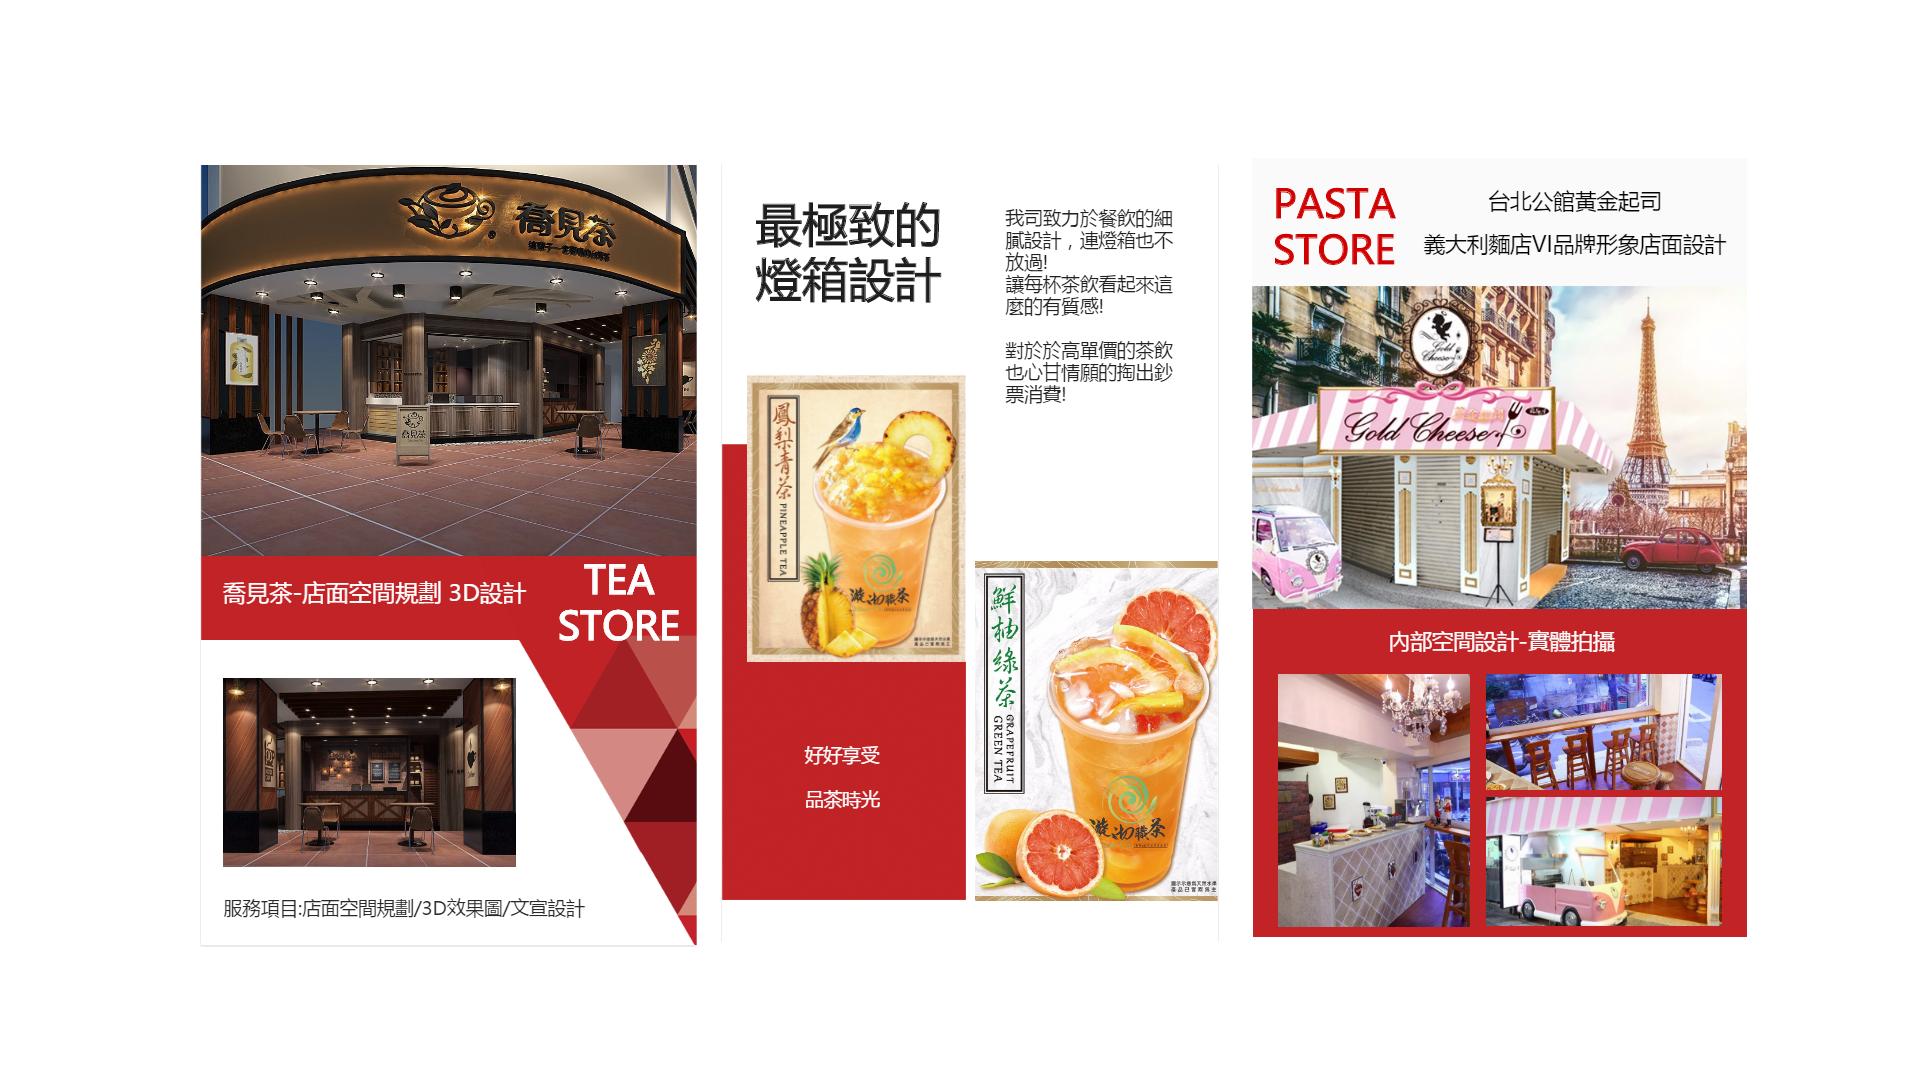 茶飲料店/意大利麵店規劃設計